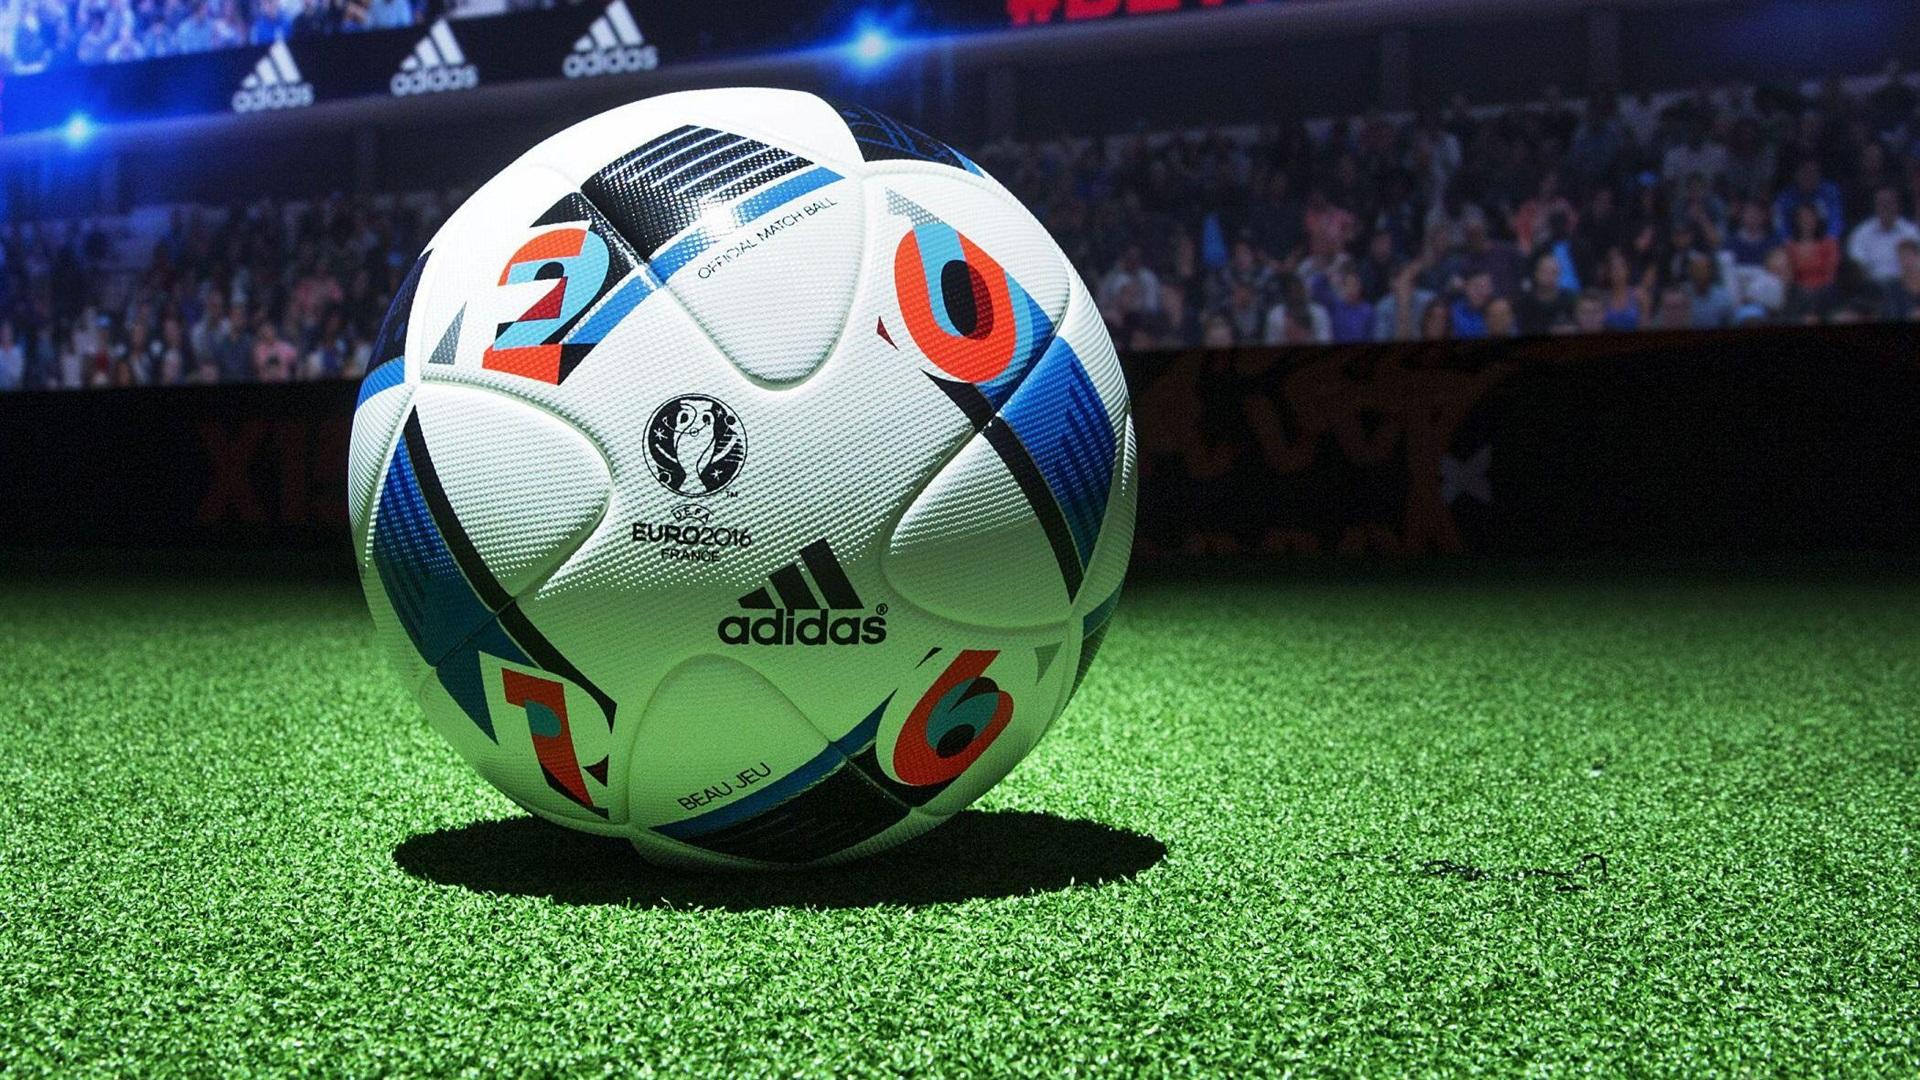 Euro 2016 francia f tbol fondos de pantalla 1920x1080 for Fondos de pantalla de futbol